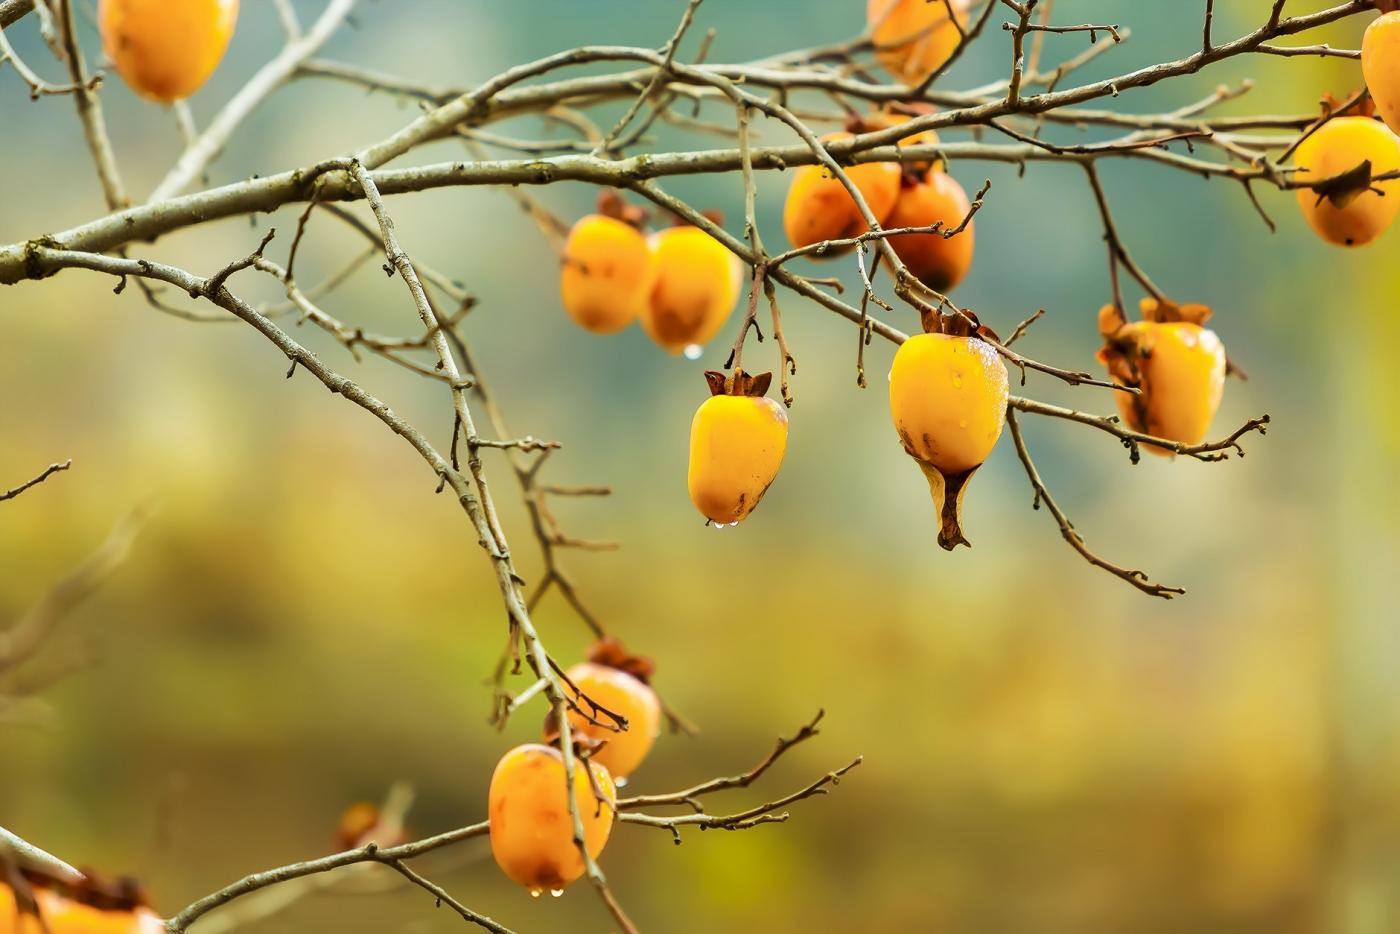 墙头累累柿子黄,人家秋获争登场---来自蒙山最后几枚柿子_图1-9